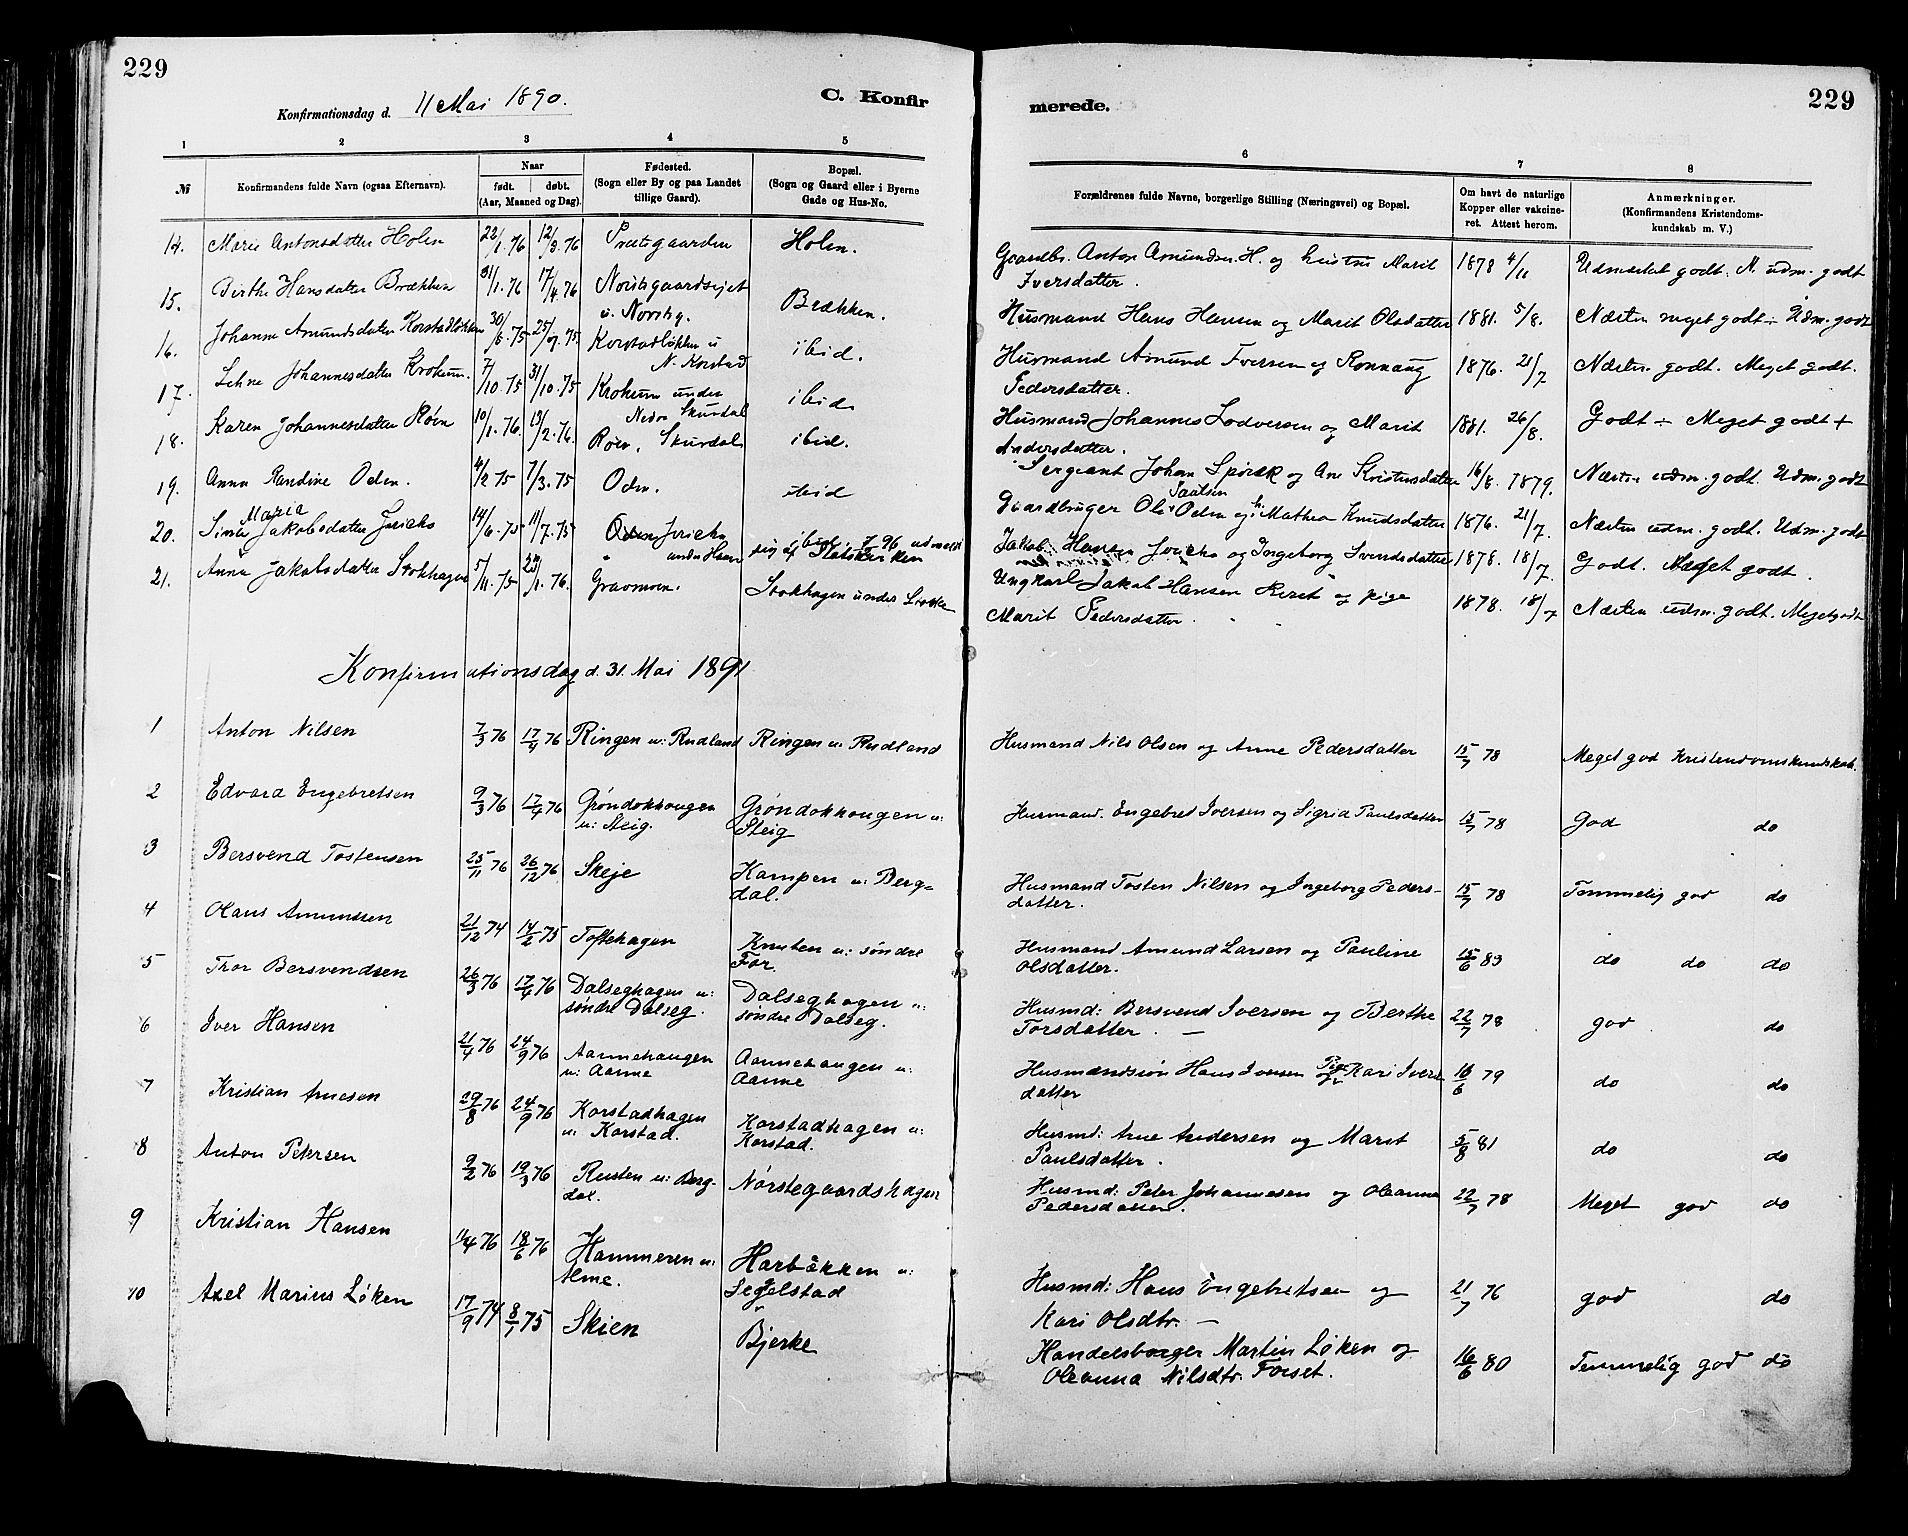 SAH, Sør-Fron prestekontor, H/Ha/Haa/L0003: Ministerialbok nr. 3, 1881-1897, s. 229